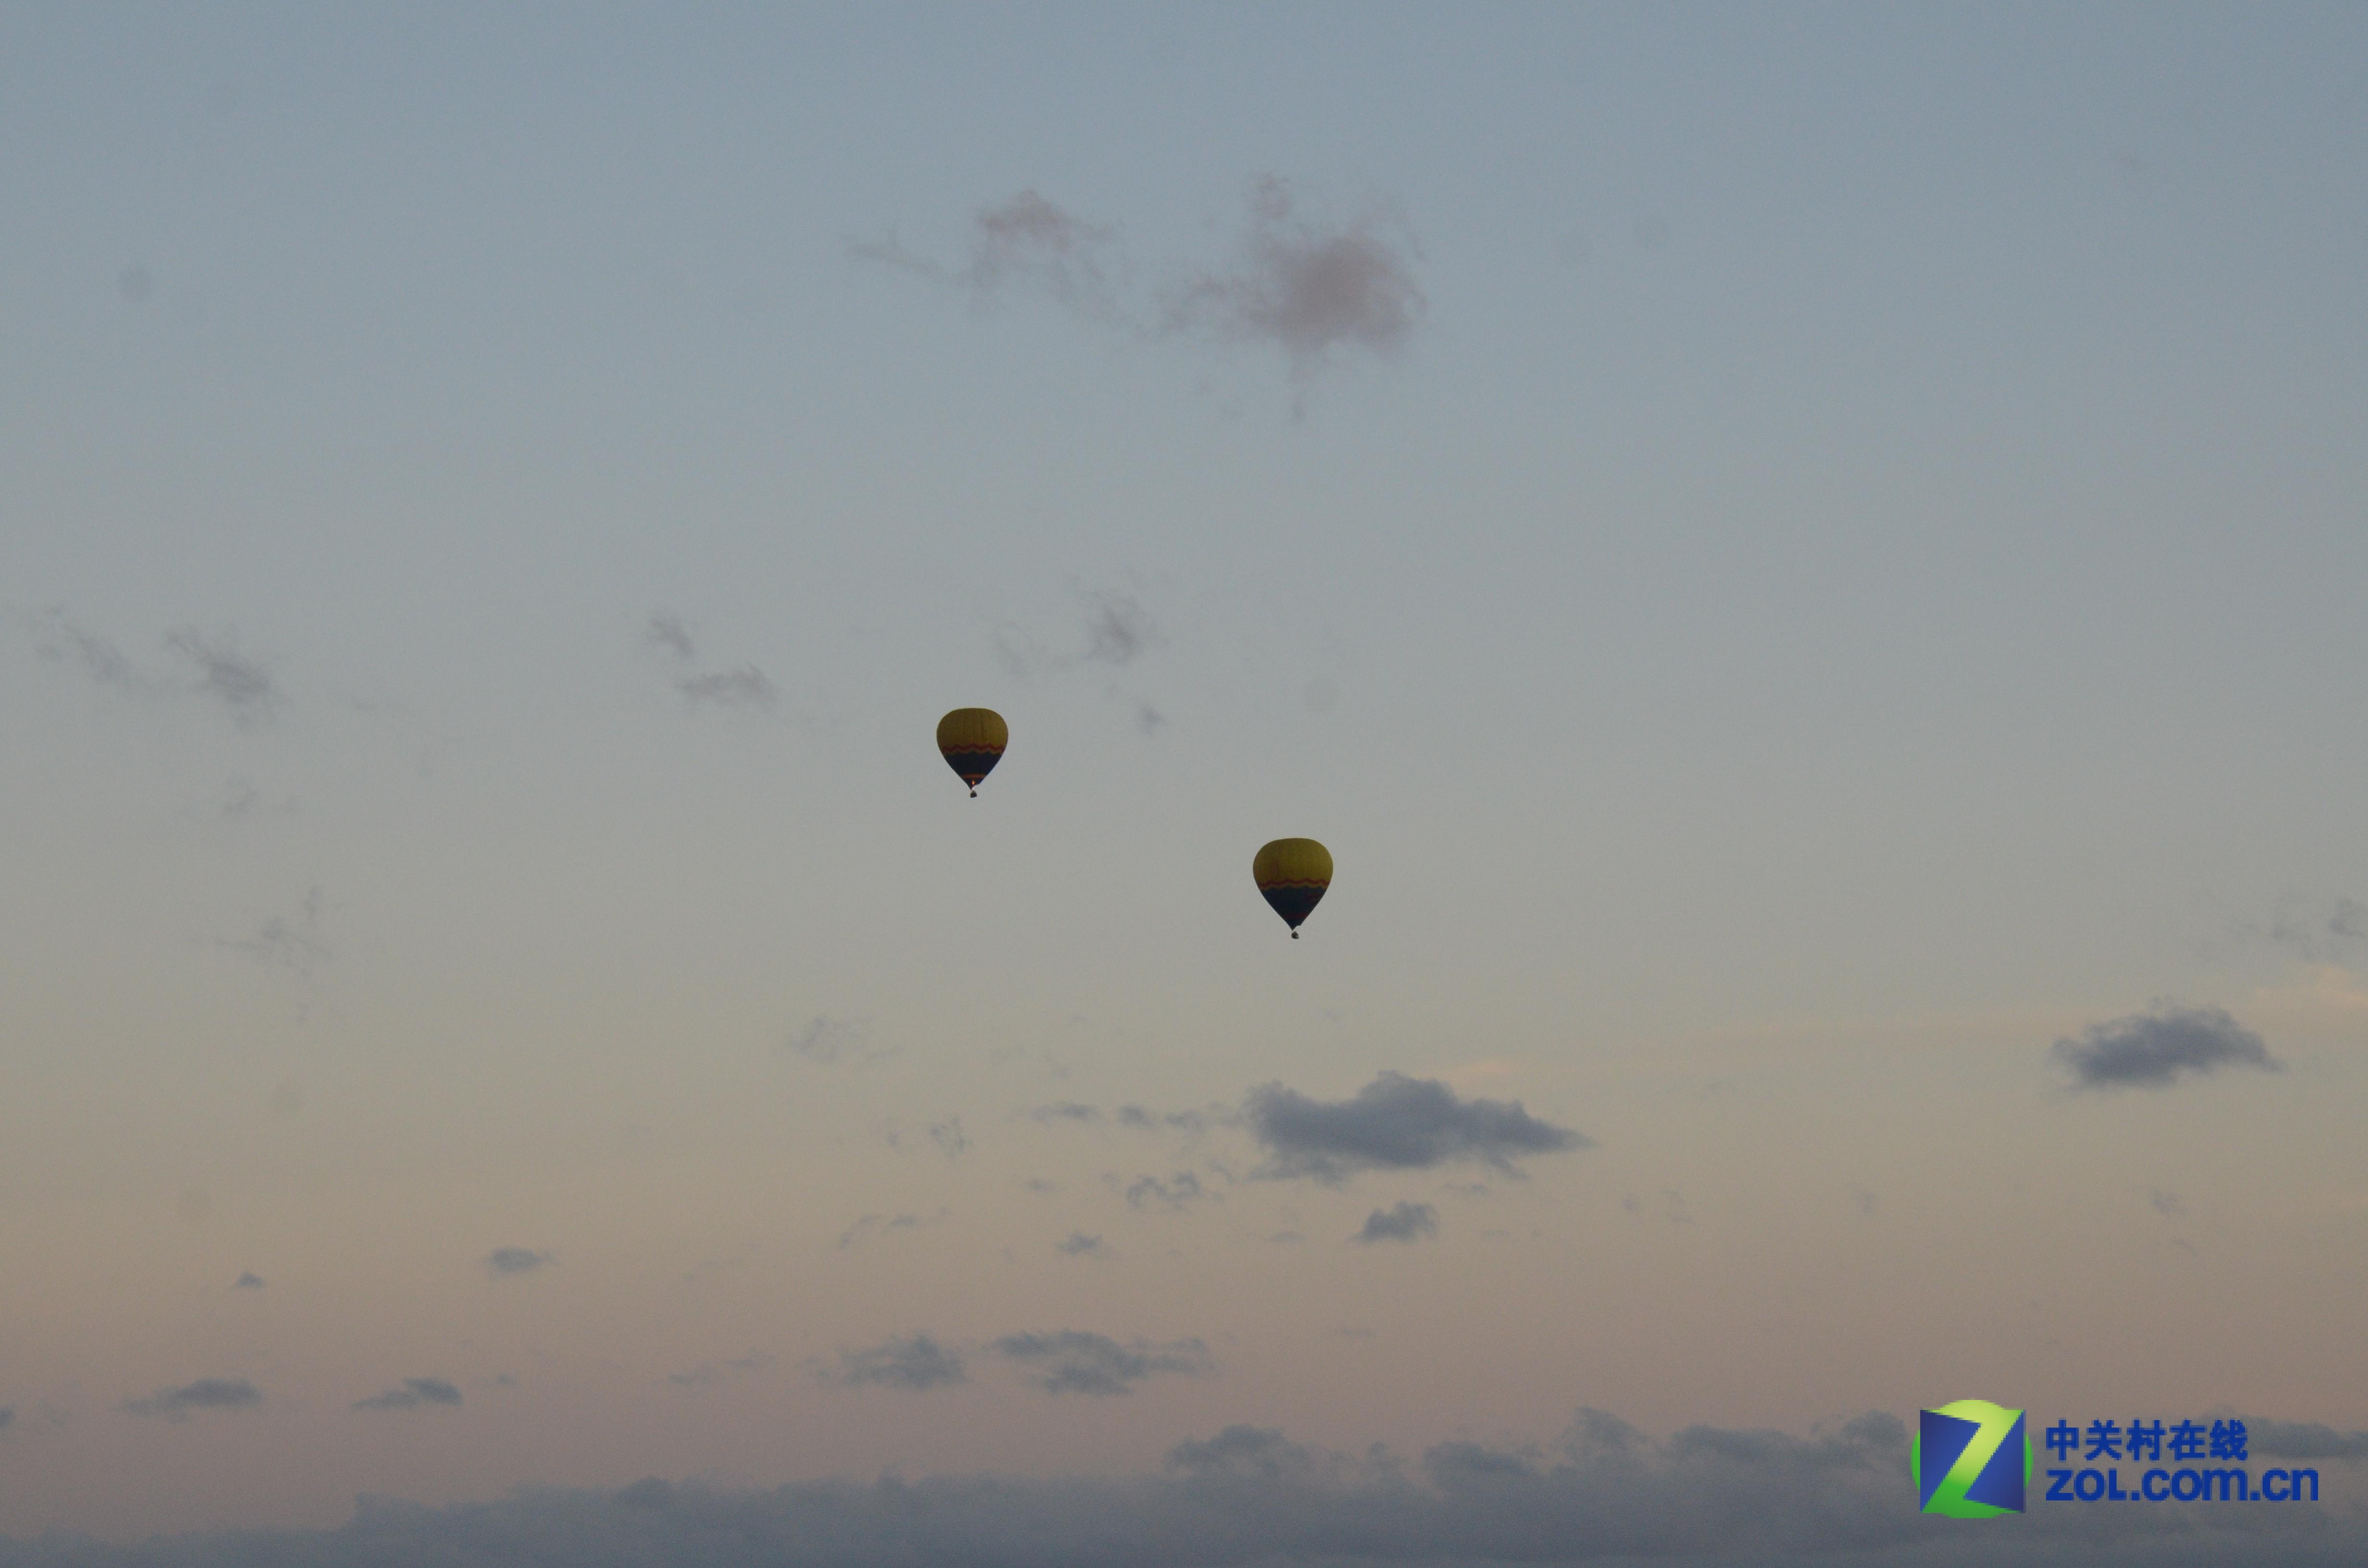 行摄澳洲魅力风景 热气球放飞美丽梦想(3/10)